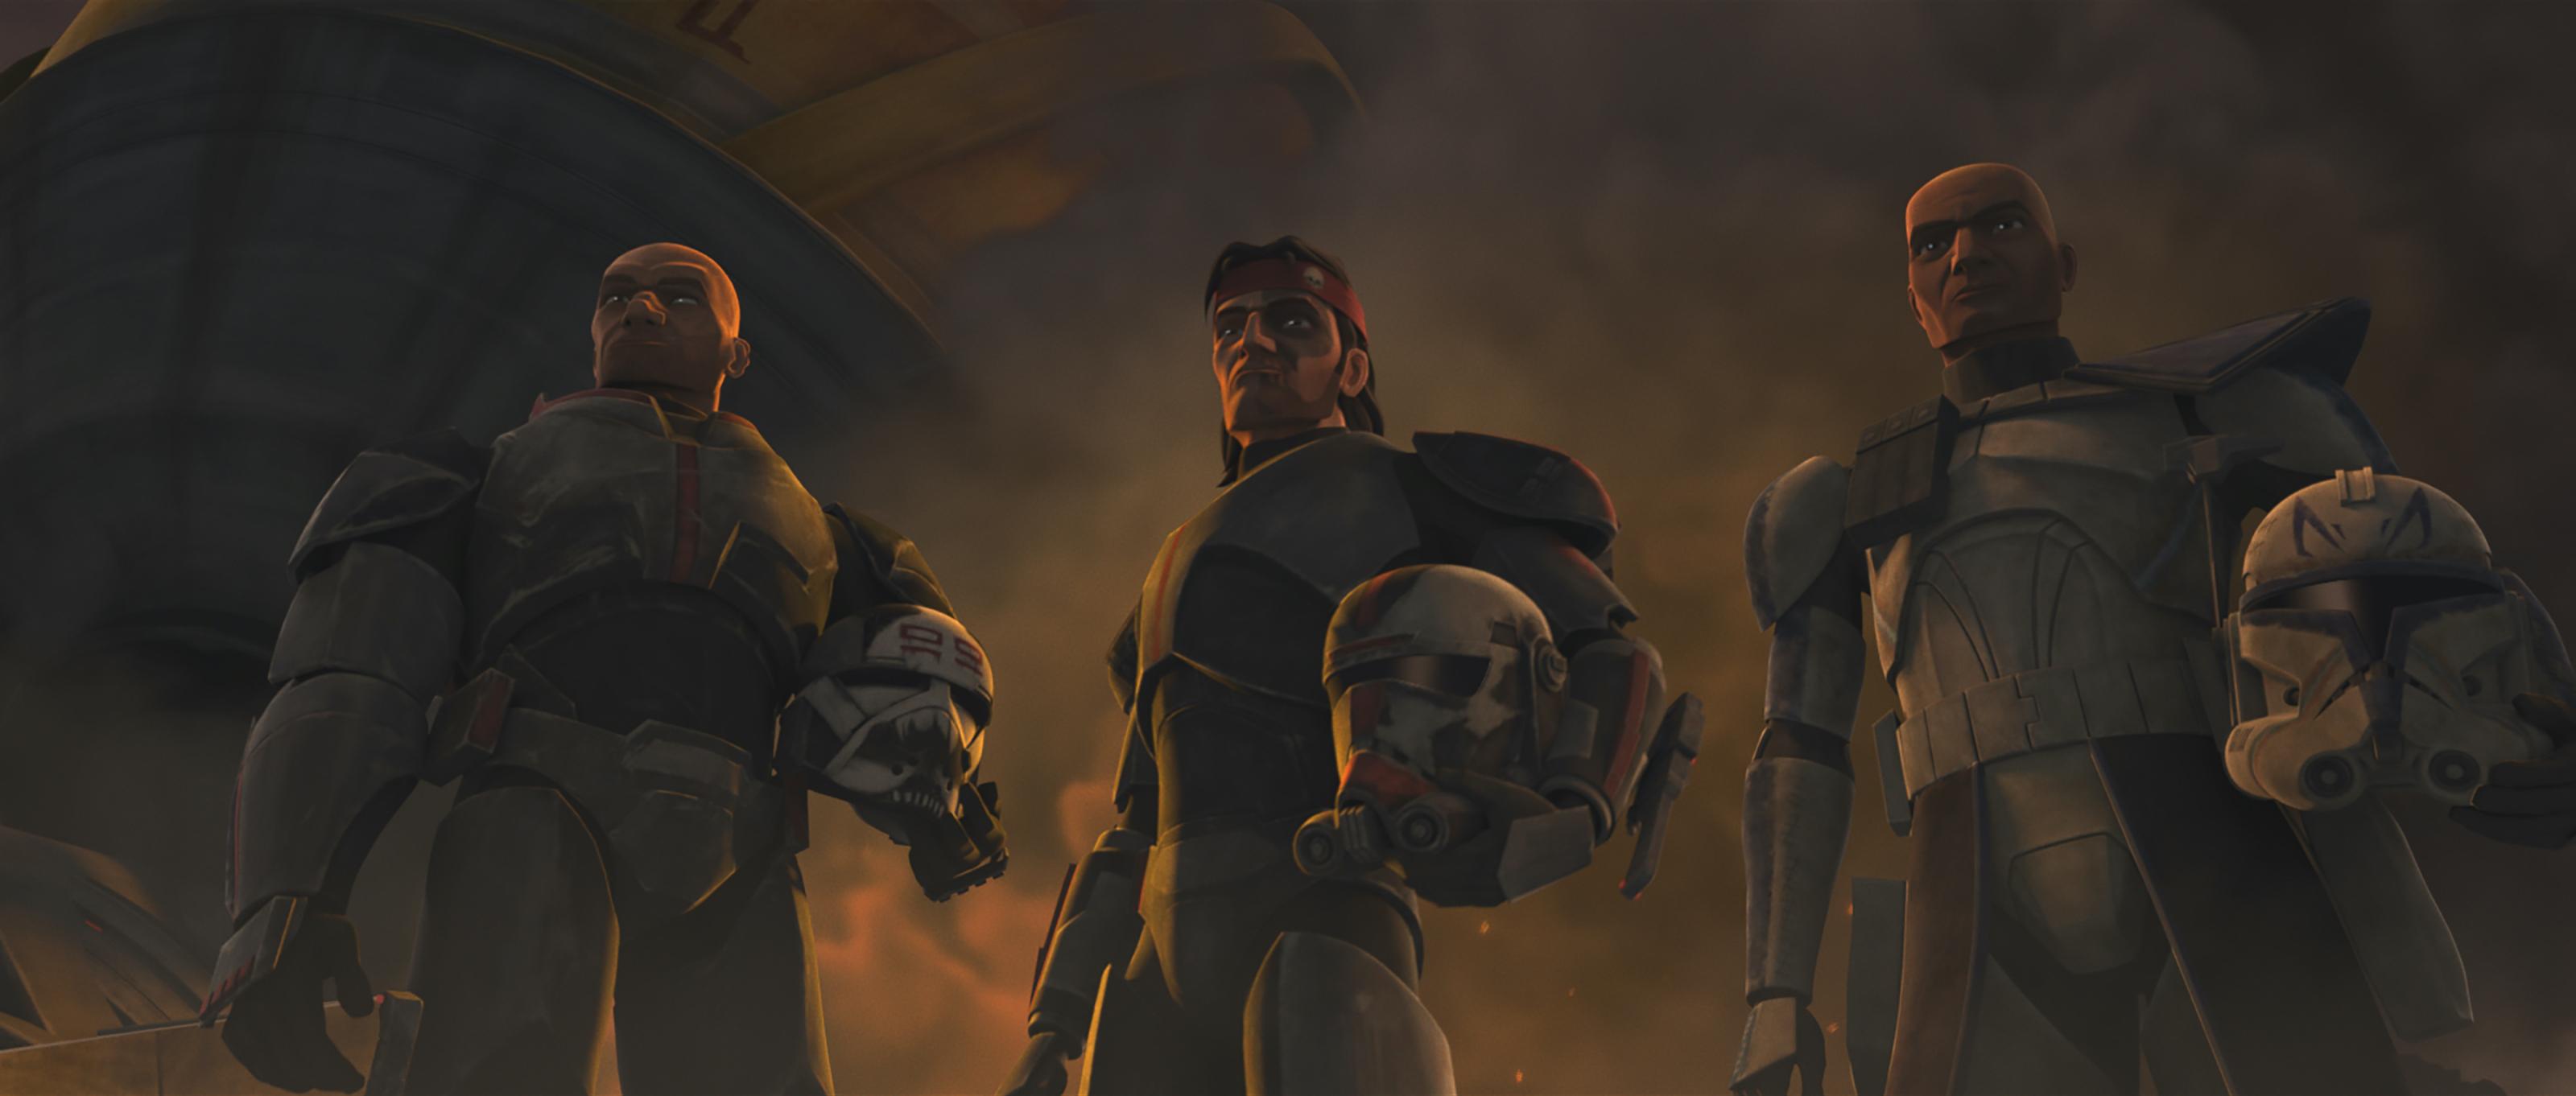 The Bad Batch, la nueva serie de Star Wars saldrá el 4 de mayo